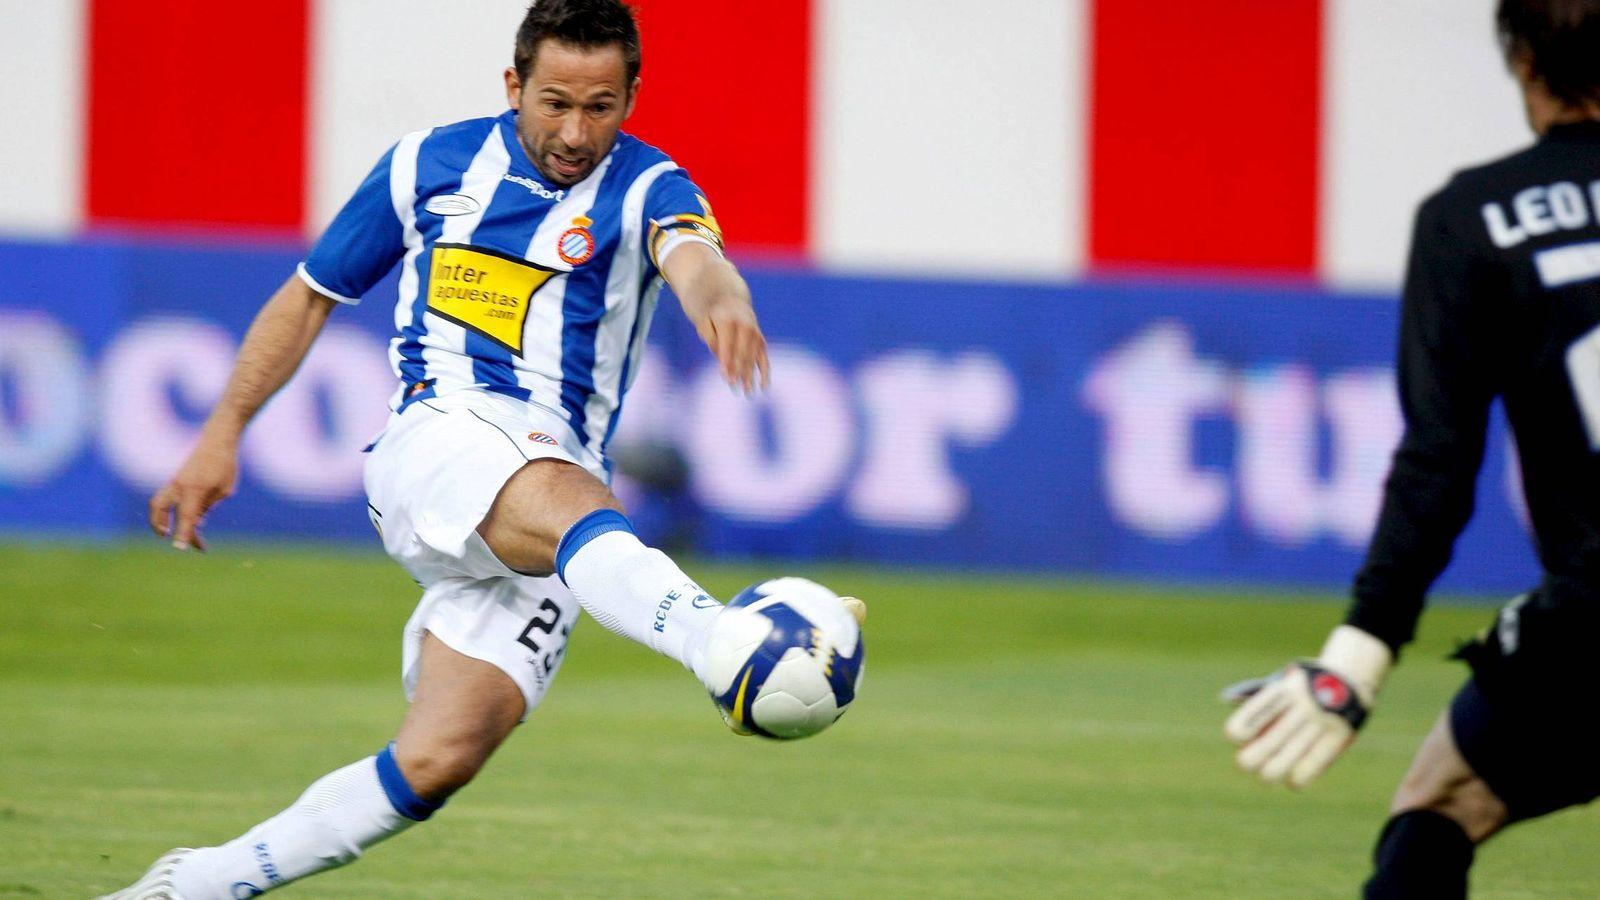 Foto: Tamudo en acción durante un partido con el Espanyol (EFE)